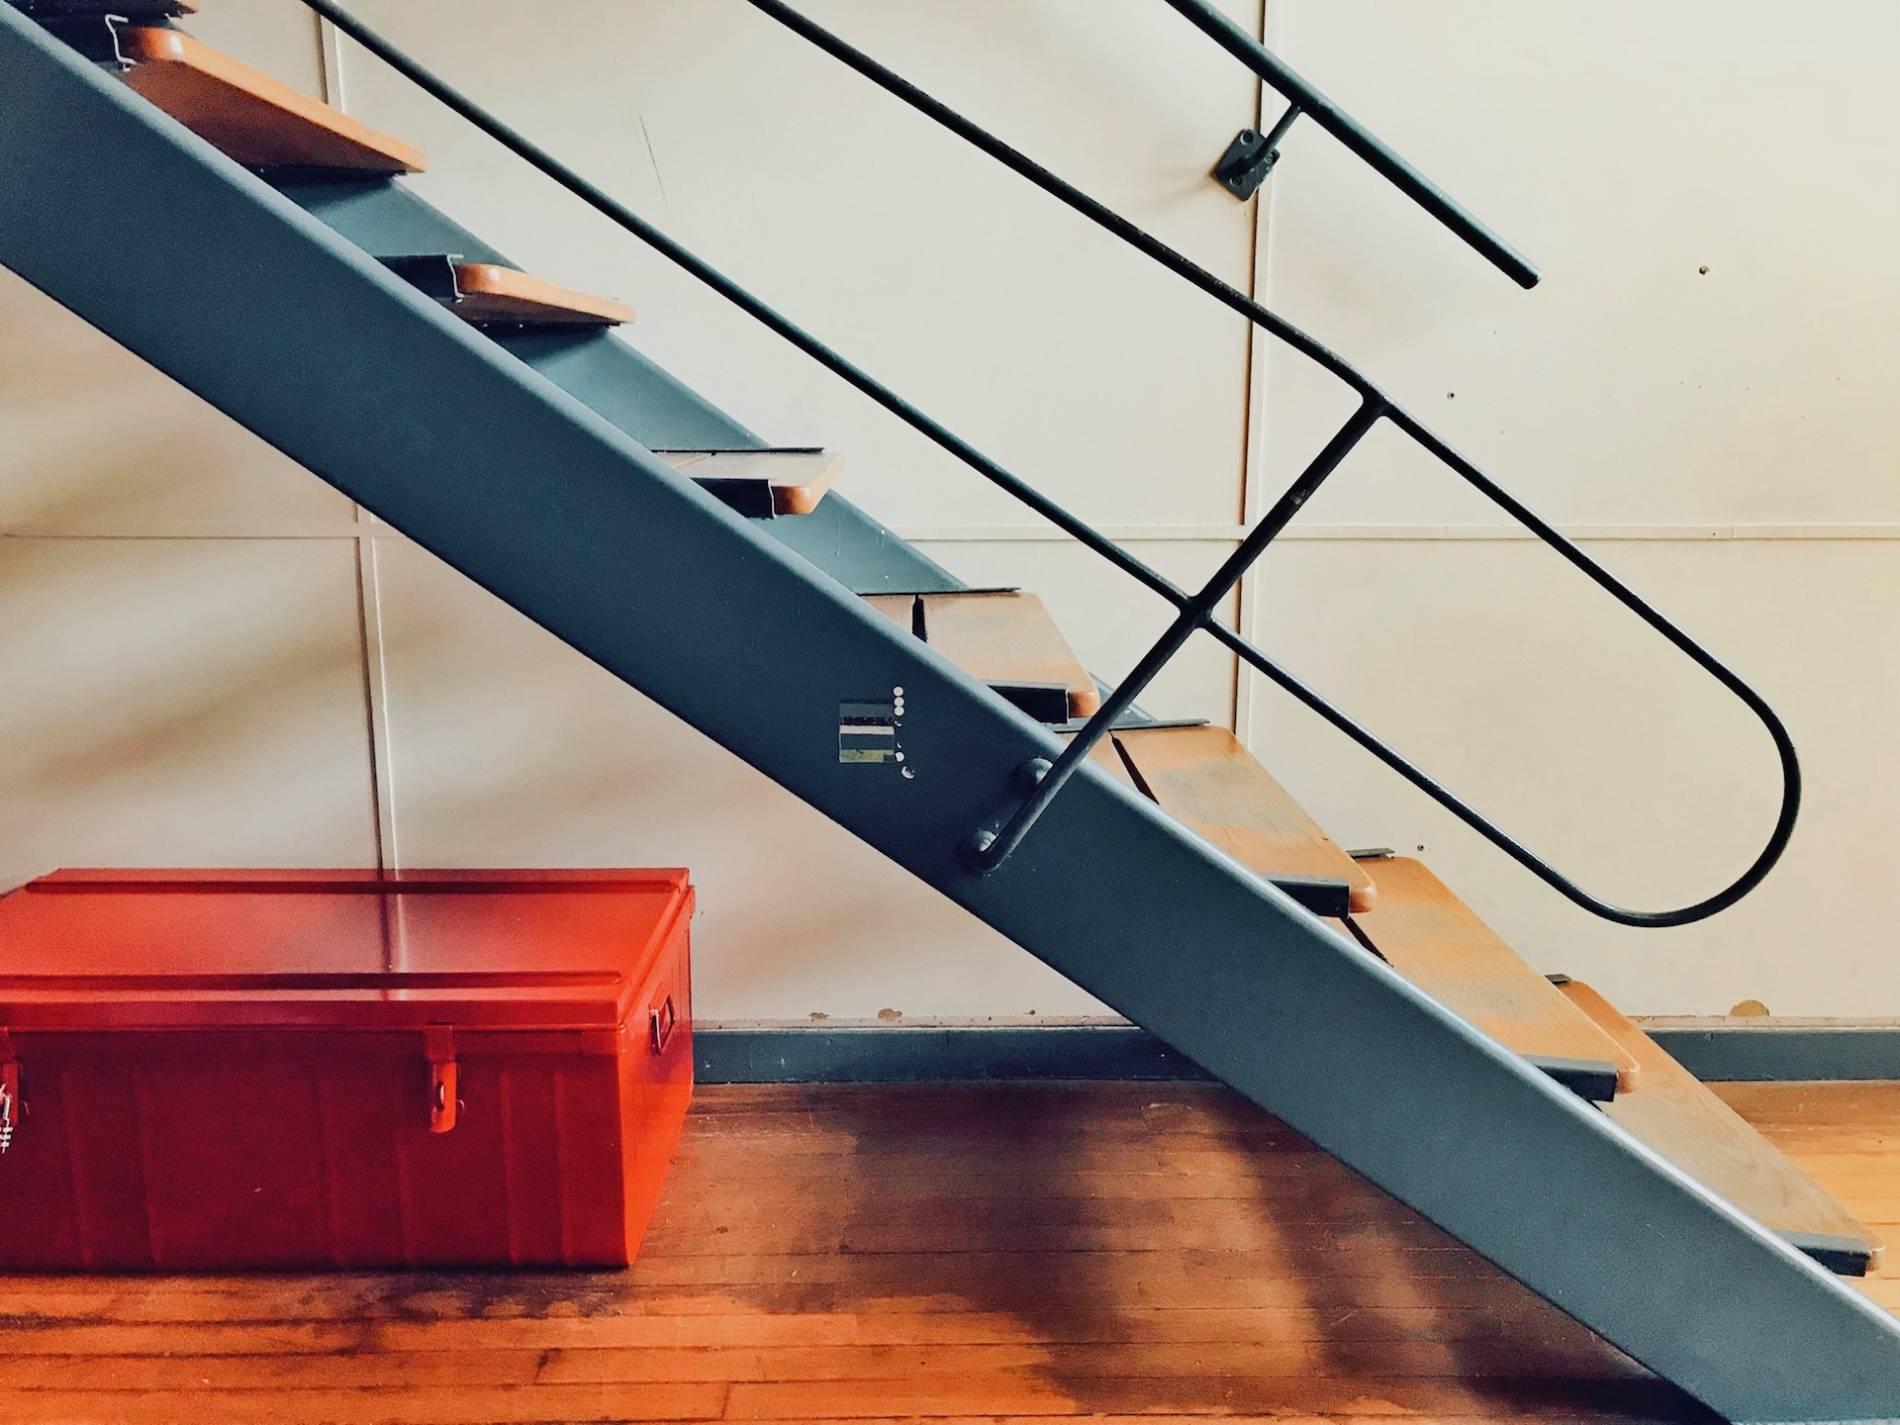 escalier-le-corbusier